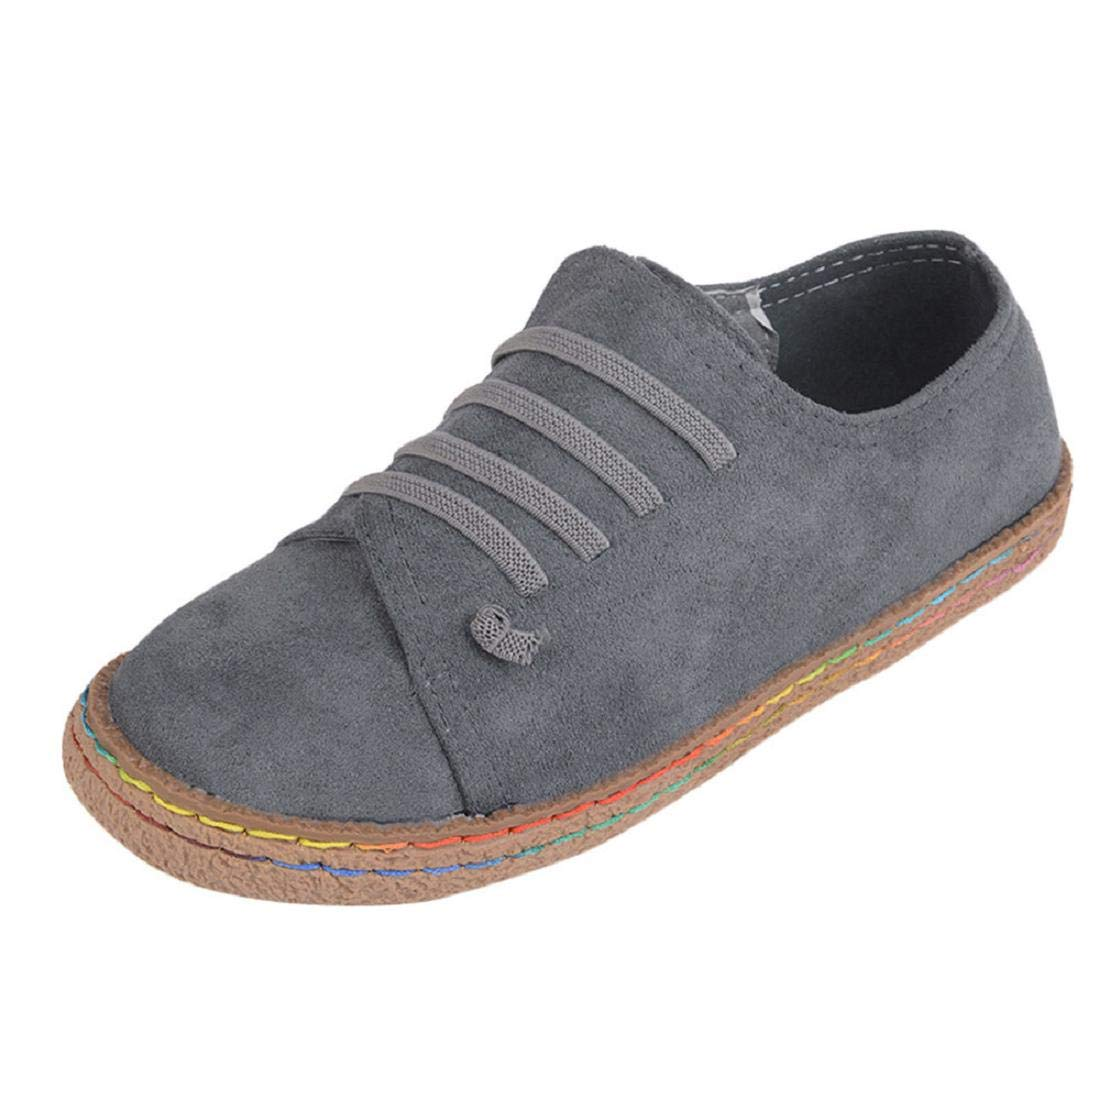 Yesmile Zapatos para Mujer❤️Zapatos Planos de Mujer de Las señoras Suaves del Tobillo Zapatos de Mujer de Las Botas de Gamuza con Cordones de Cuero Casual Planos Loafers